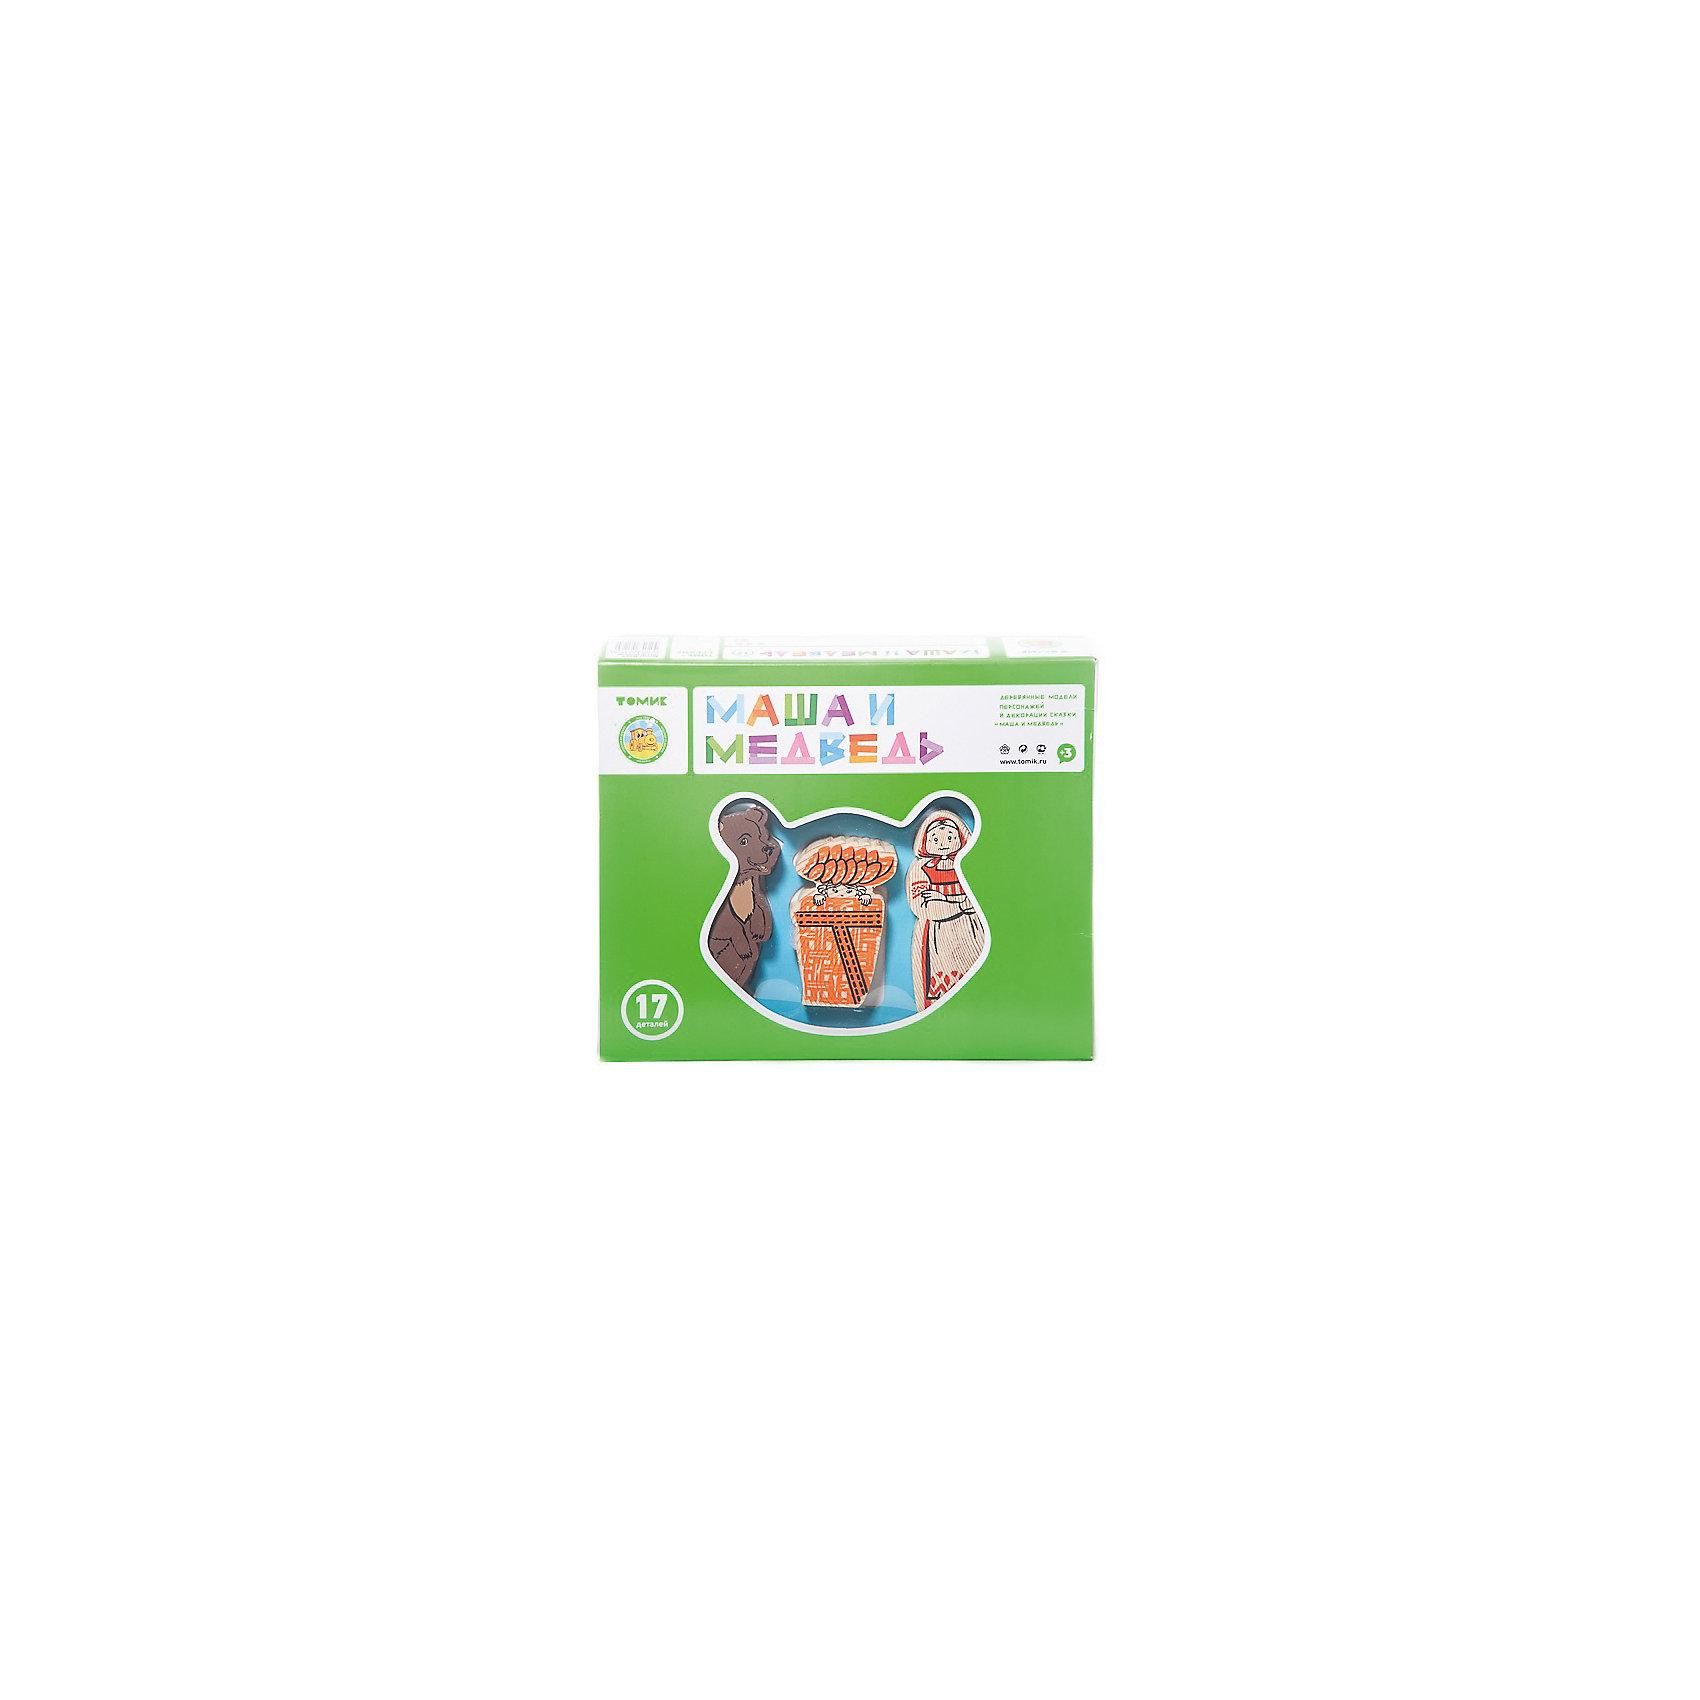 Деревянный конструктор Томик Сказки. Маша и медведь, 17 деталейДеревянные конструкторы<br>Характеристики:<br><br>• возраст: от 3 лет<br>• комплектация: 17 деталей, цветной вкладыш с текстом сказки<br>• материал: дерево<br>• упаковка: картонная коробка блистерного типа<br>• размер упаковки: 21х17х4 см.<br>• вес: 375 гр.<br><br>Набор от бренда «Томик» поможет детям вспомнить и воспроизвести известную сказку «Маша и медведь». В наборе имеются 17 деревянных деталей: детали для сборки домика; деревья; кустарники; фигурки персонажей сказки.<br><br>Элементы набора выполнены из дерева хвойных пород, окрашены стойкими красками методом шелкографии, имеют яркие насыщенные цвета, которые со временем не побледнеют. Края и грани элементов набора тщательно отшлифованы, имеют гладкую поверхность.<br><br>Набор ТОМИК 4534-9 Сказки Маша и медведь 17 дет. можно купить в нашем интернет-магазине.<br><br>Ширина мм: 210<br>Глубина мм: 170<br>Высота мм: 40<br>Вес г: 375<br>Возраст от месяцев: 36<br>Возраст до месяцев: 2147483647<br>Пол: Унисекс<br>Возраст: Детский<br>SKU: 7140545